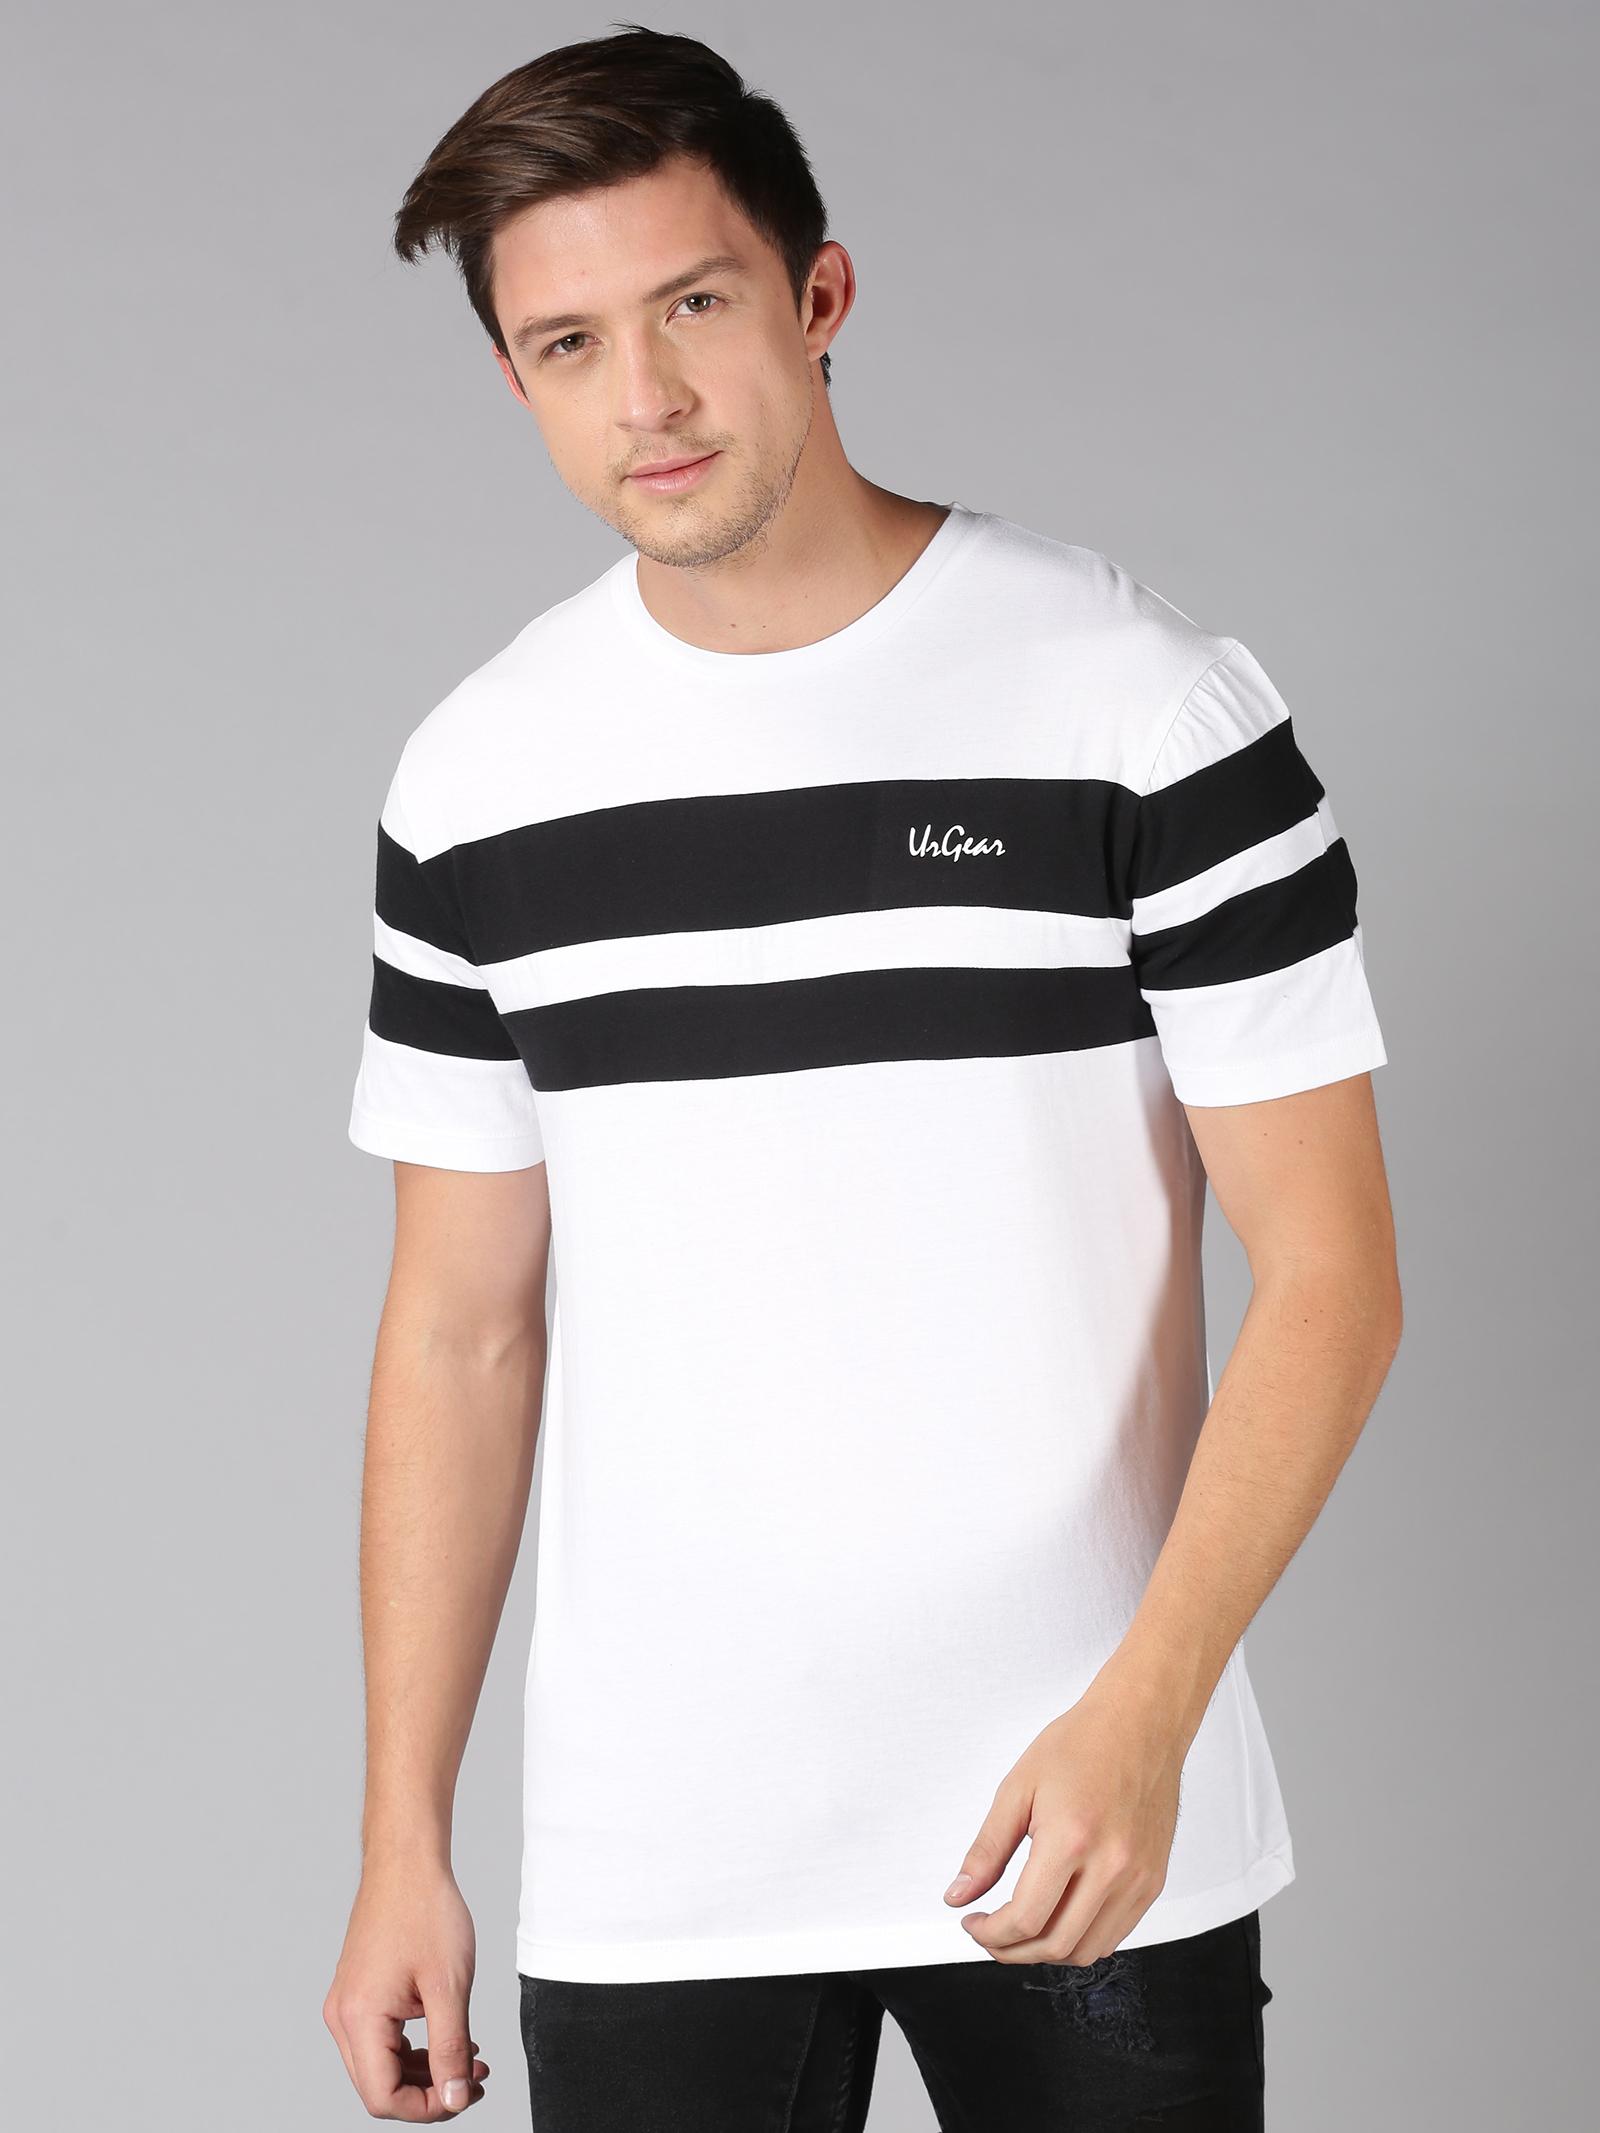 UrGear | UrGear Broad Stripes Men Round Neck White T-Shirt